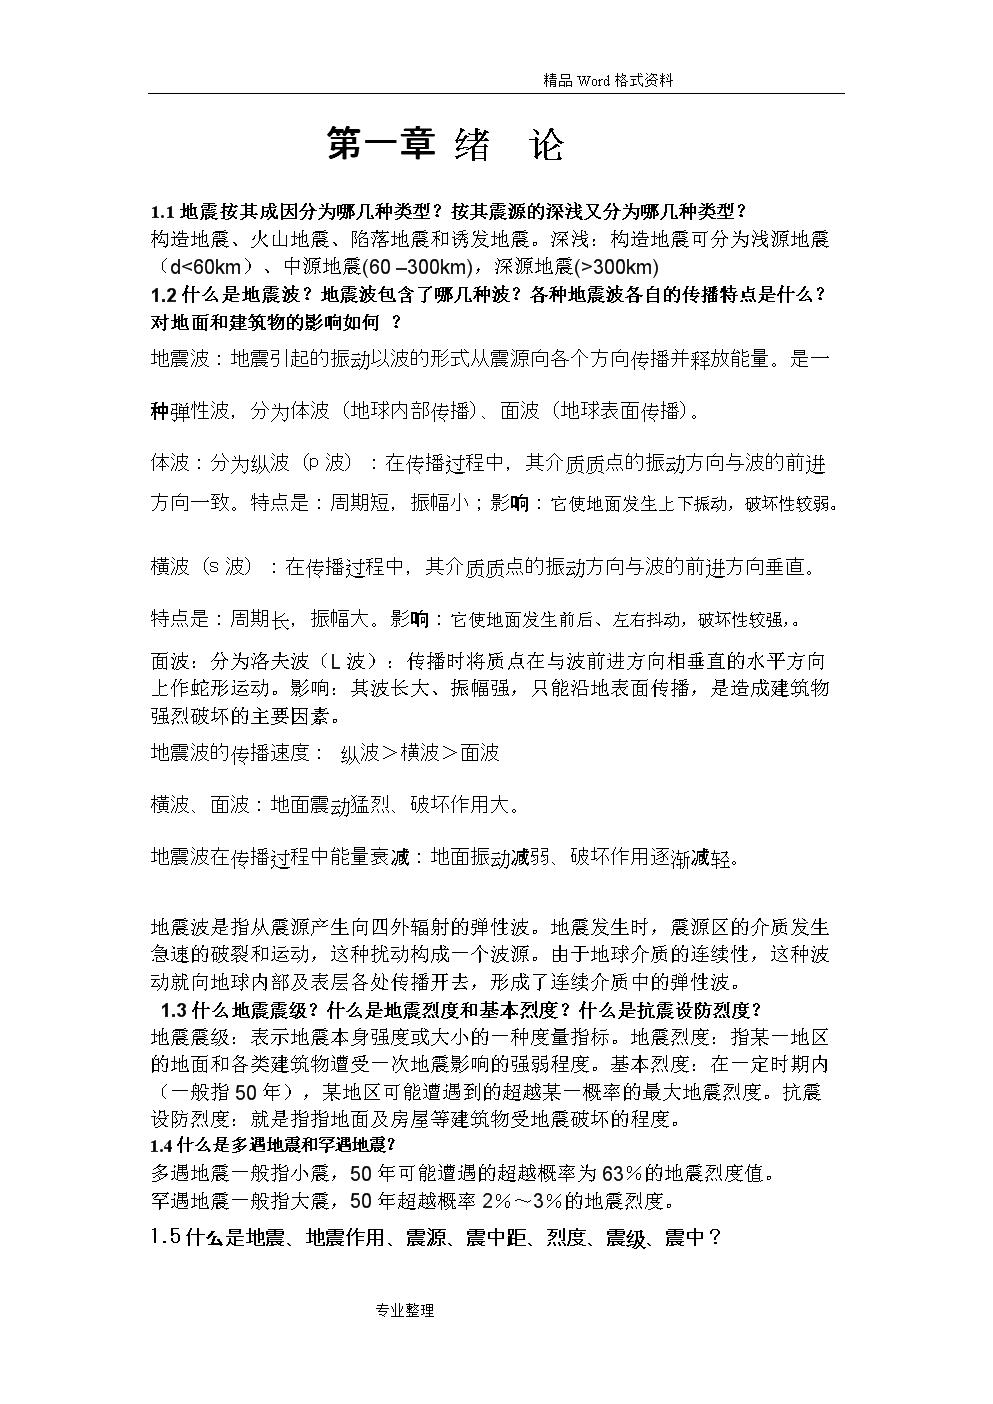 《建筑结构抗震设计》课后习题全解[王社良版].doc图片